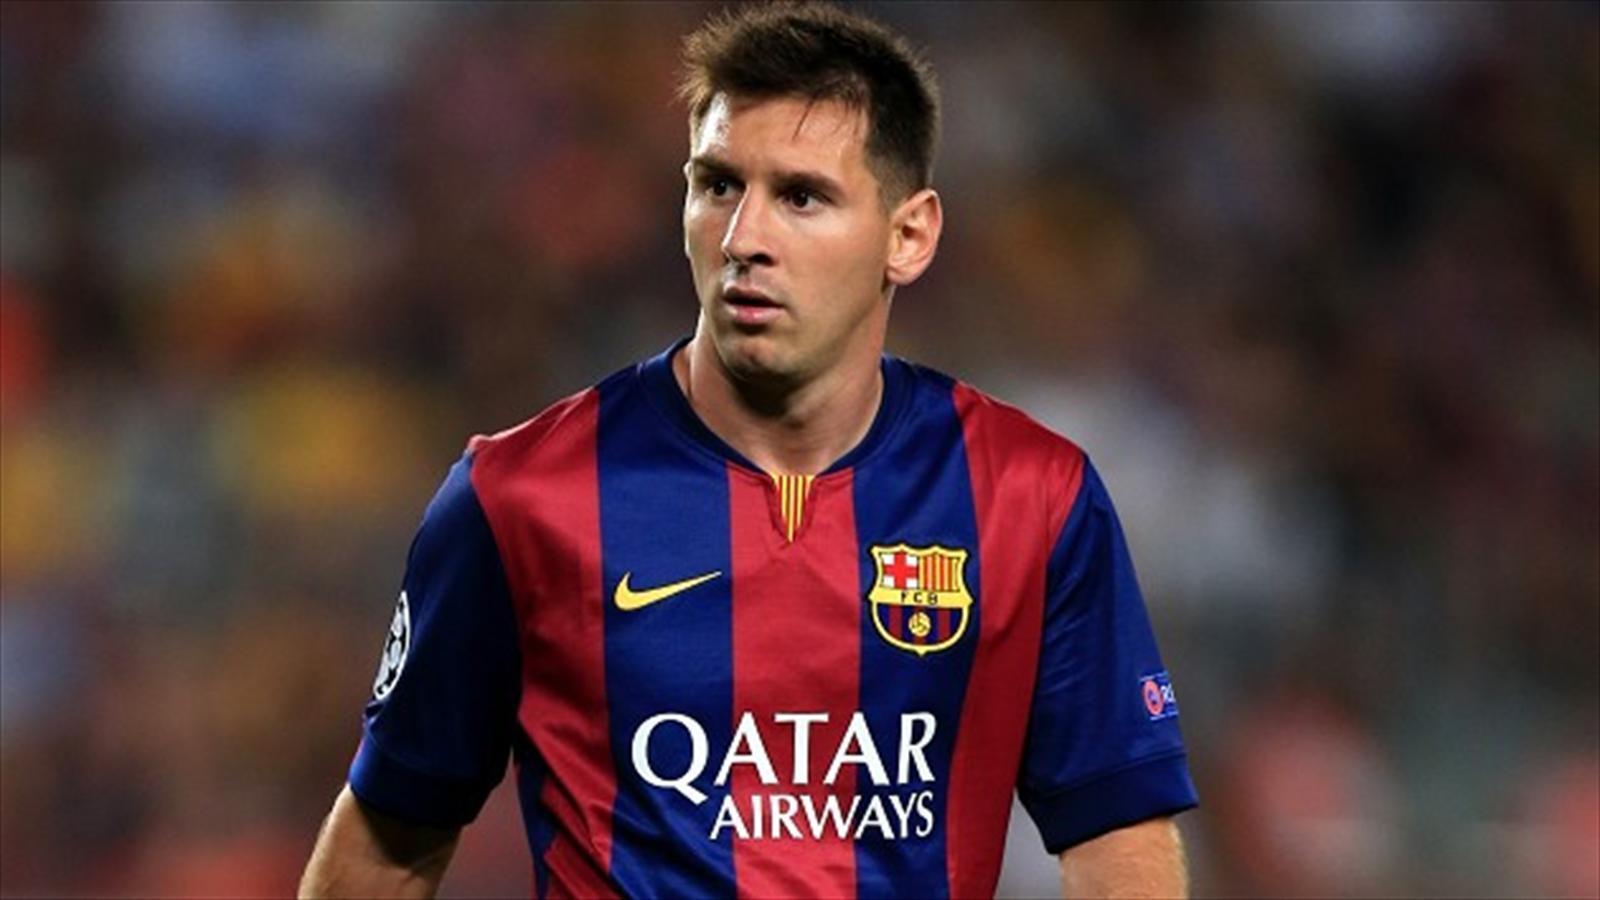 Lionel Messi Amazing Skills & Goals 2015